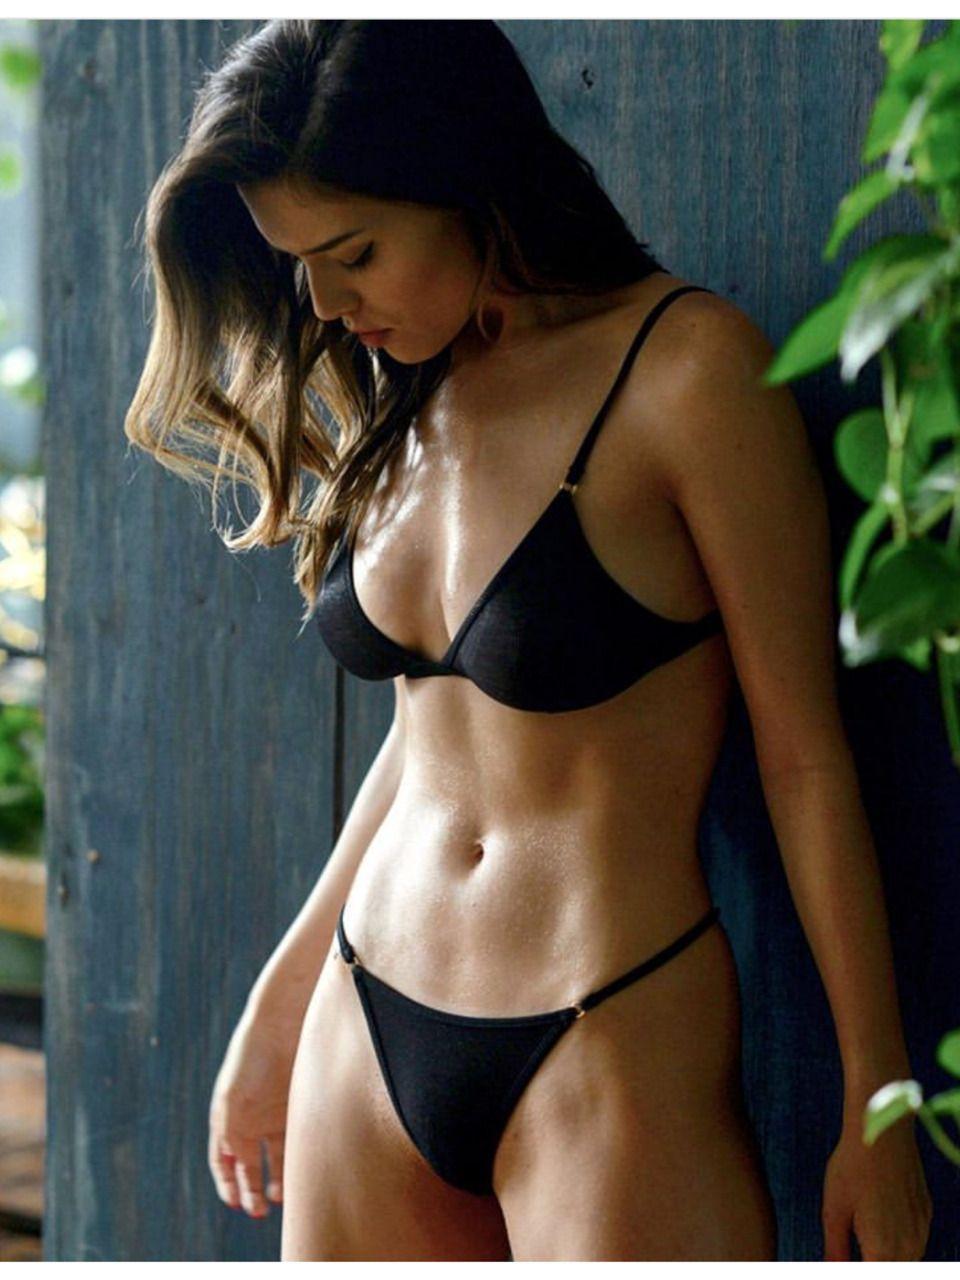 Alex phillips nude girlfriend photos